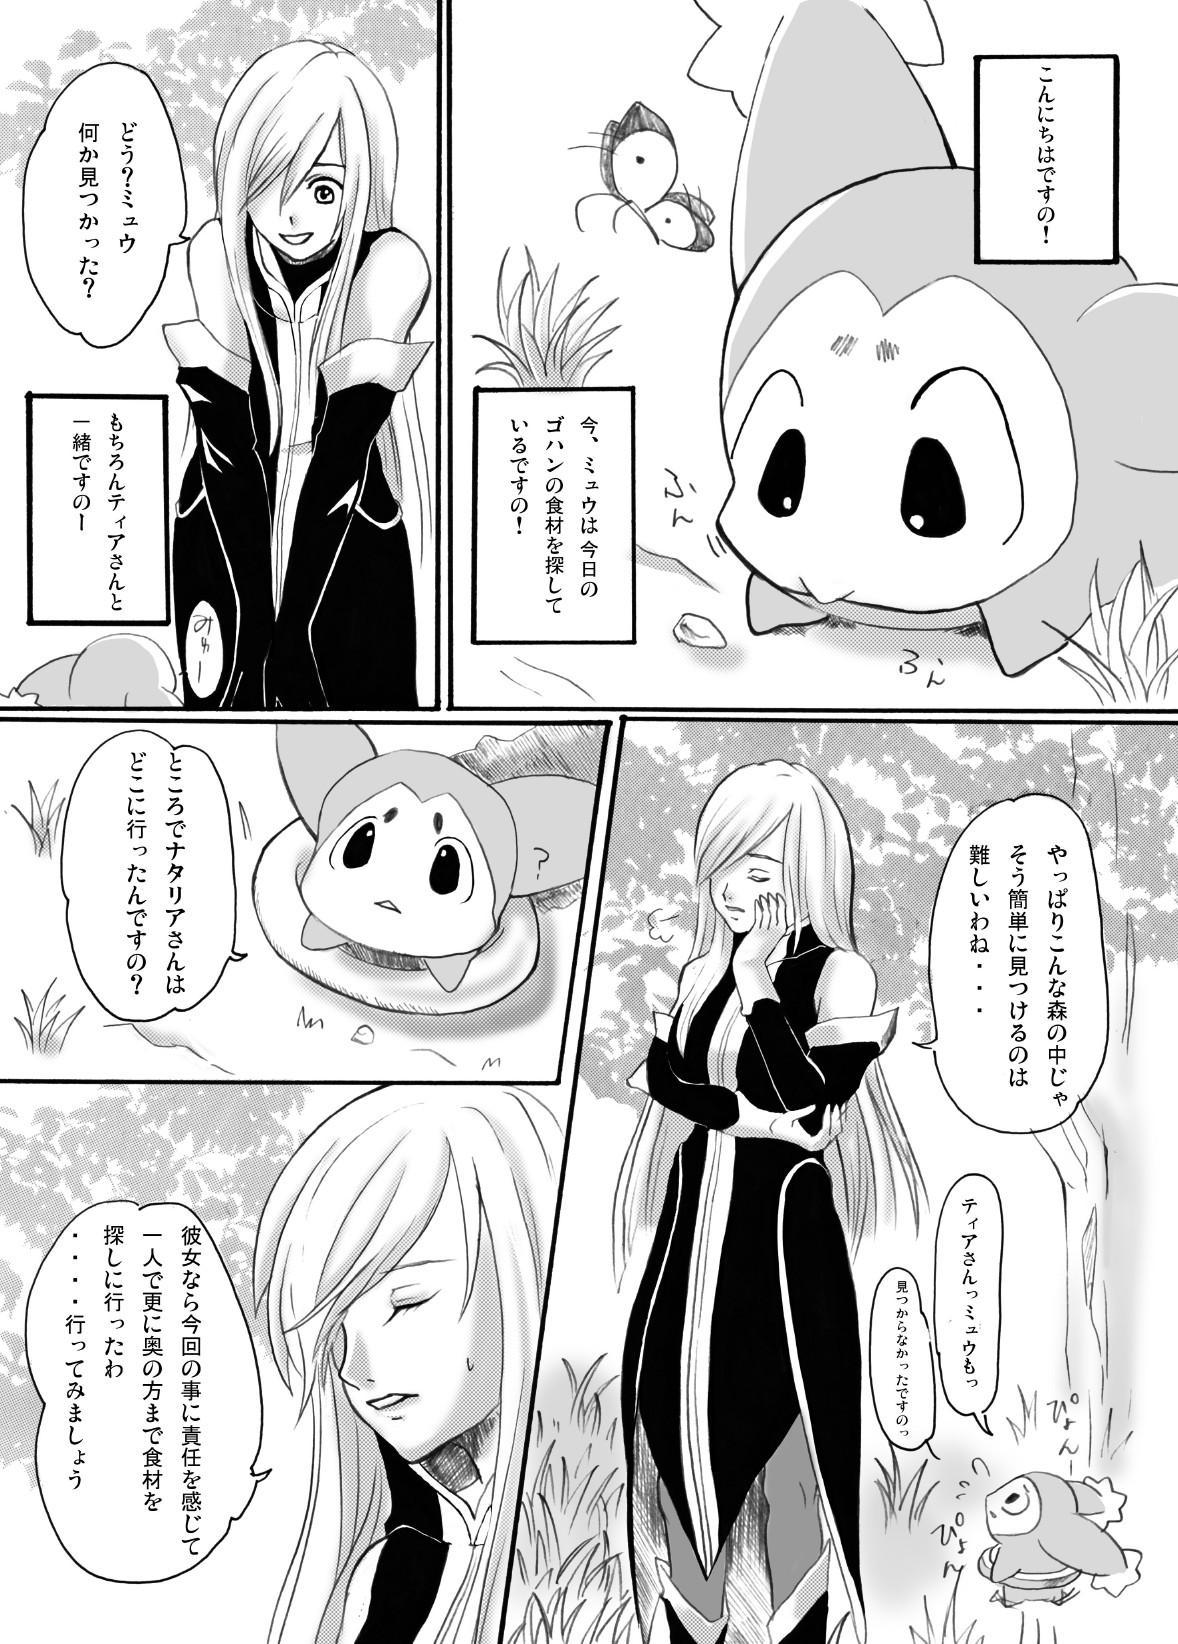 Tales no toriko 3